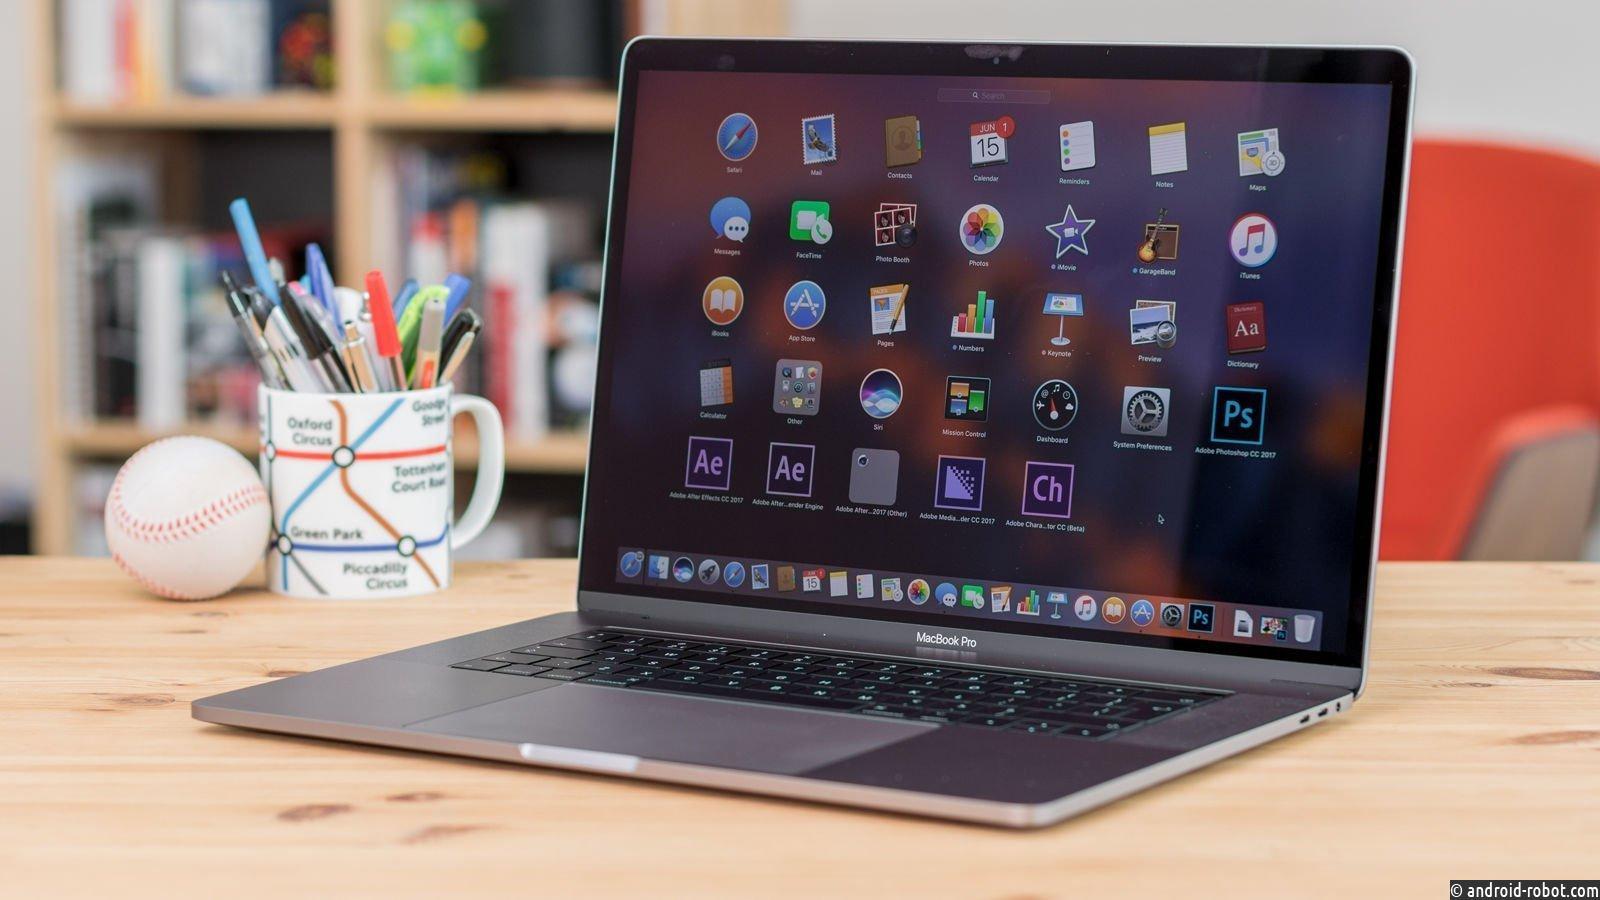 ВApple обещают бесплатно поменять бракованные батареи MacBook